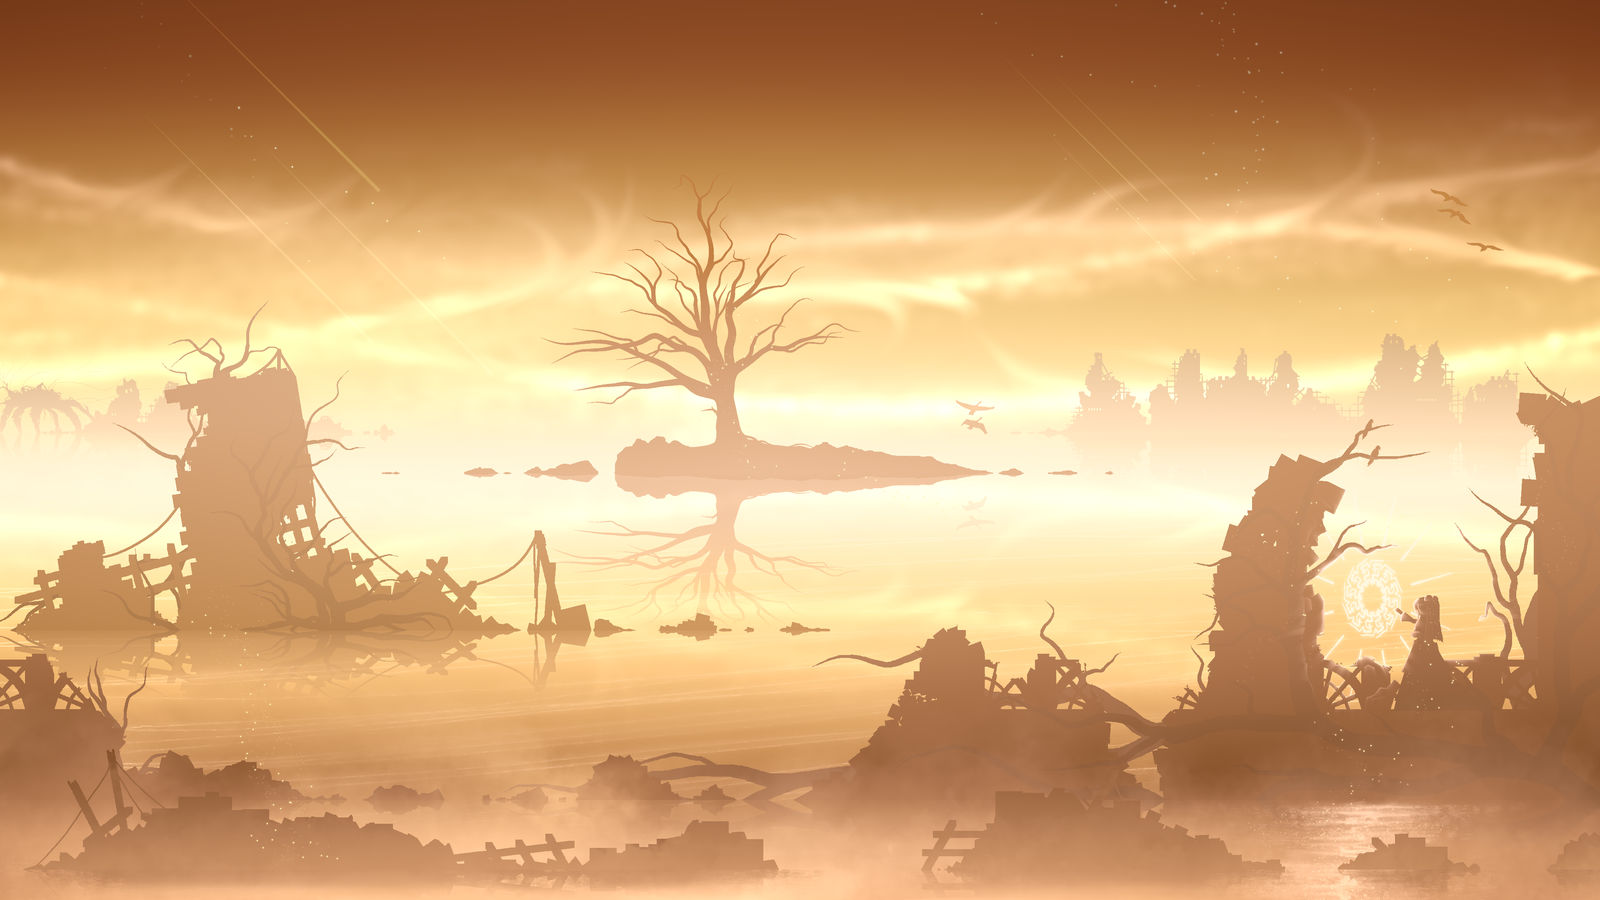 Fall, Kingdom of One.